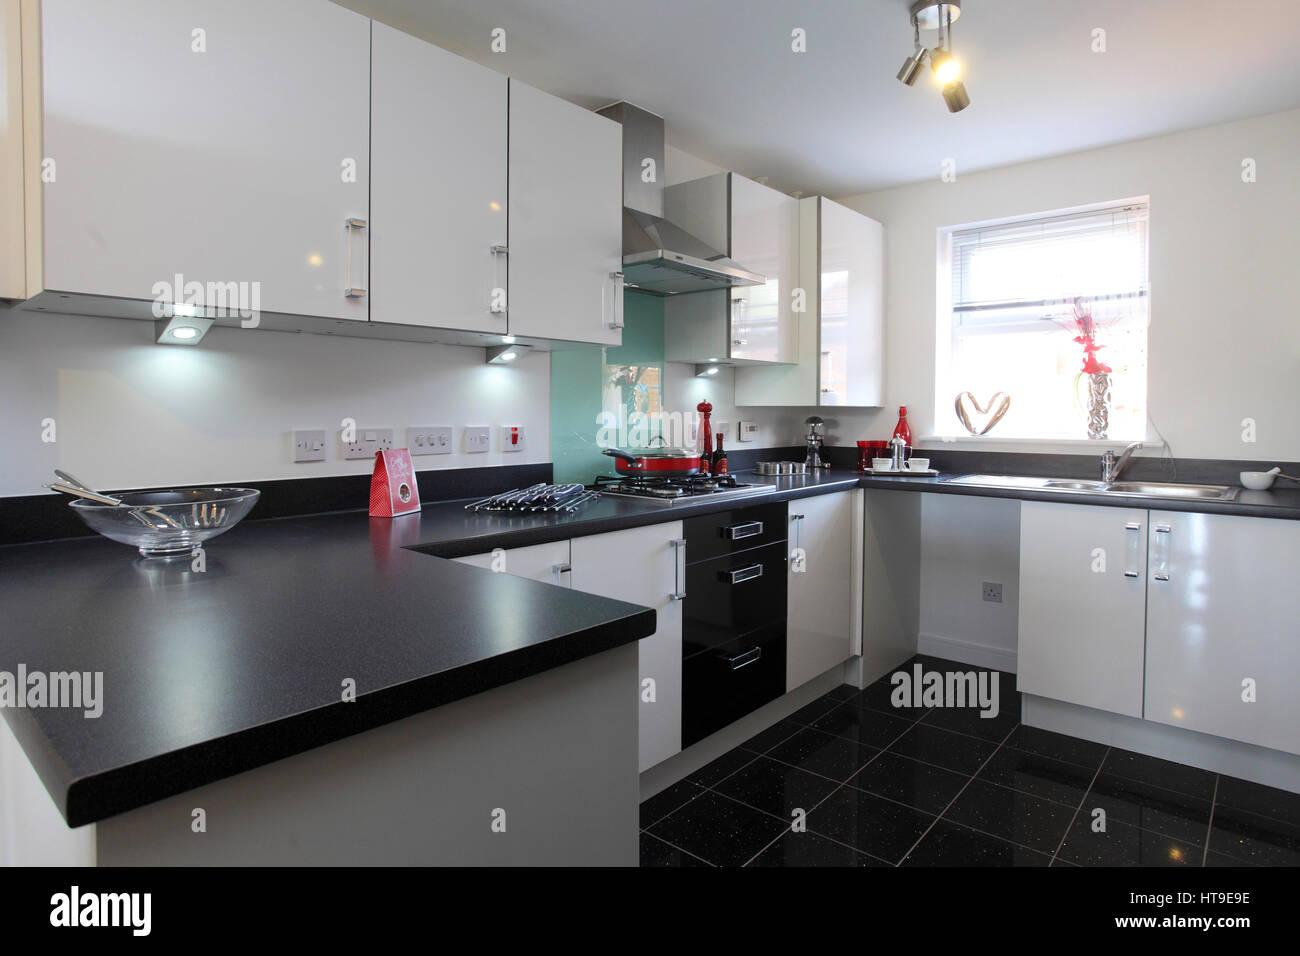 Home interior, modern kitchen, black white units, hob, oven, - Stock Image